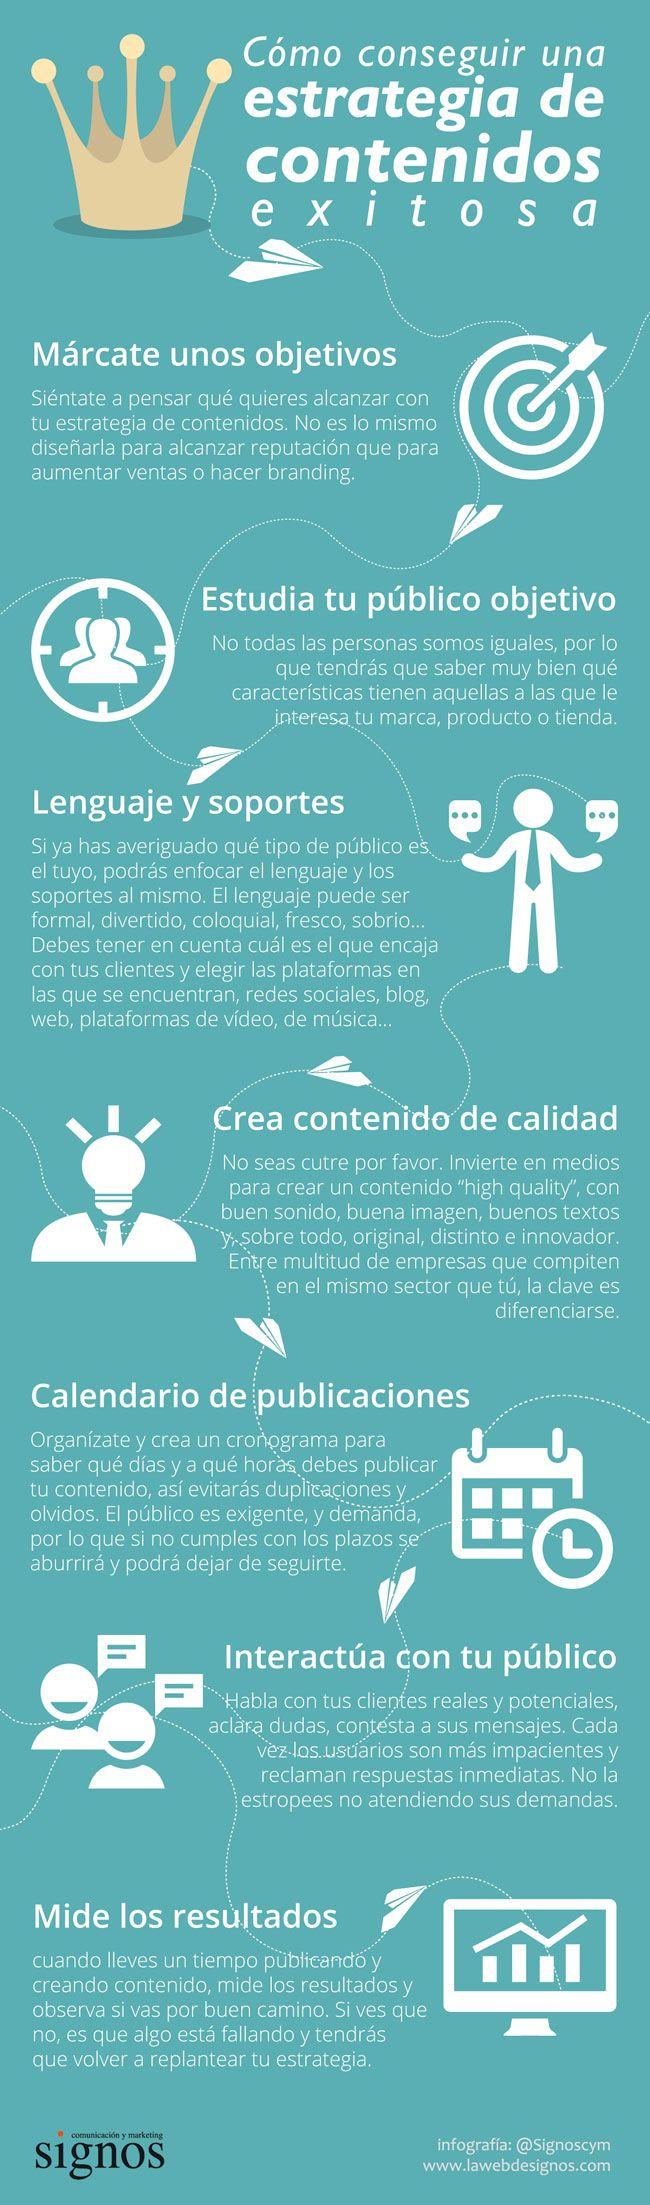 Blog De Comunicacion Y Marketing Social Media Diseno Web En